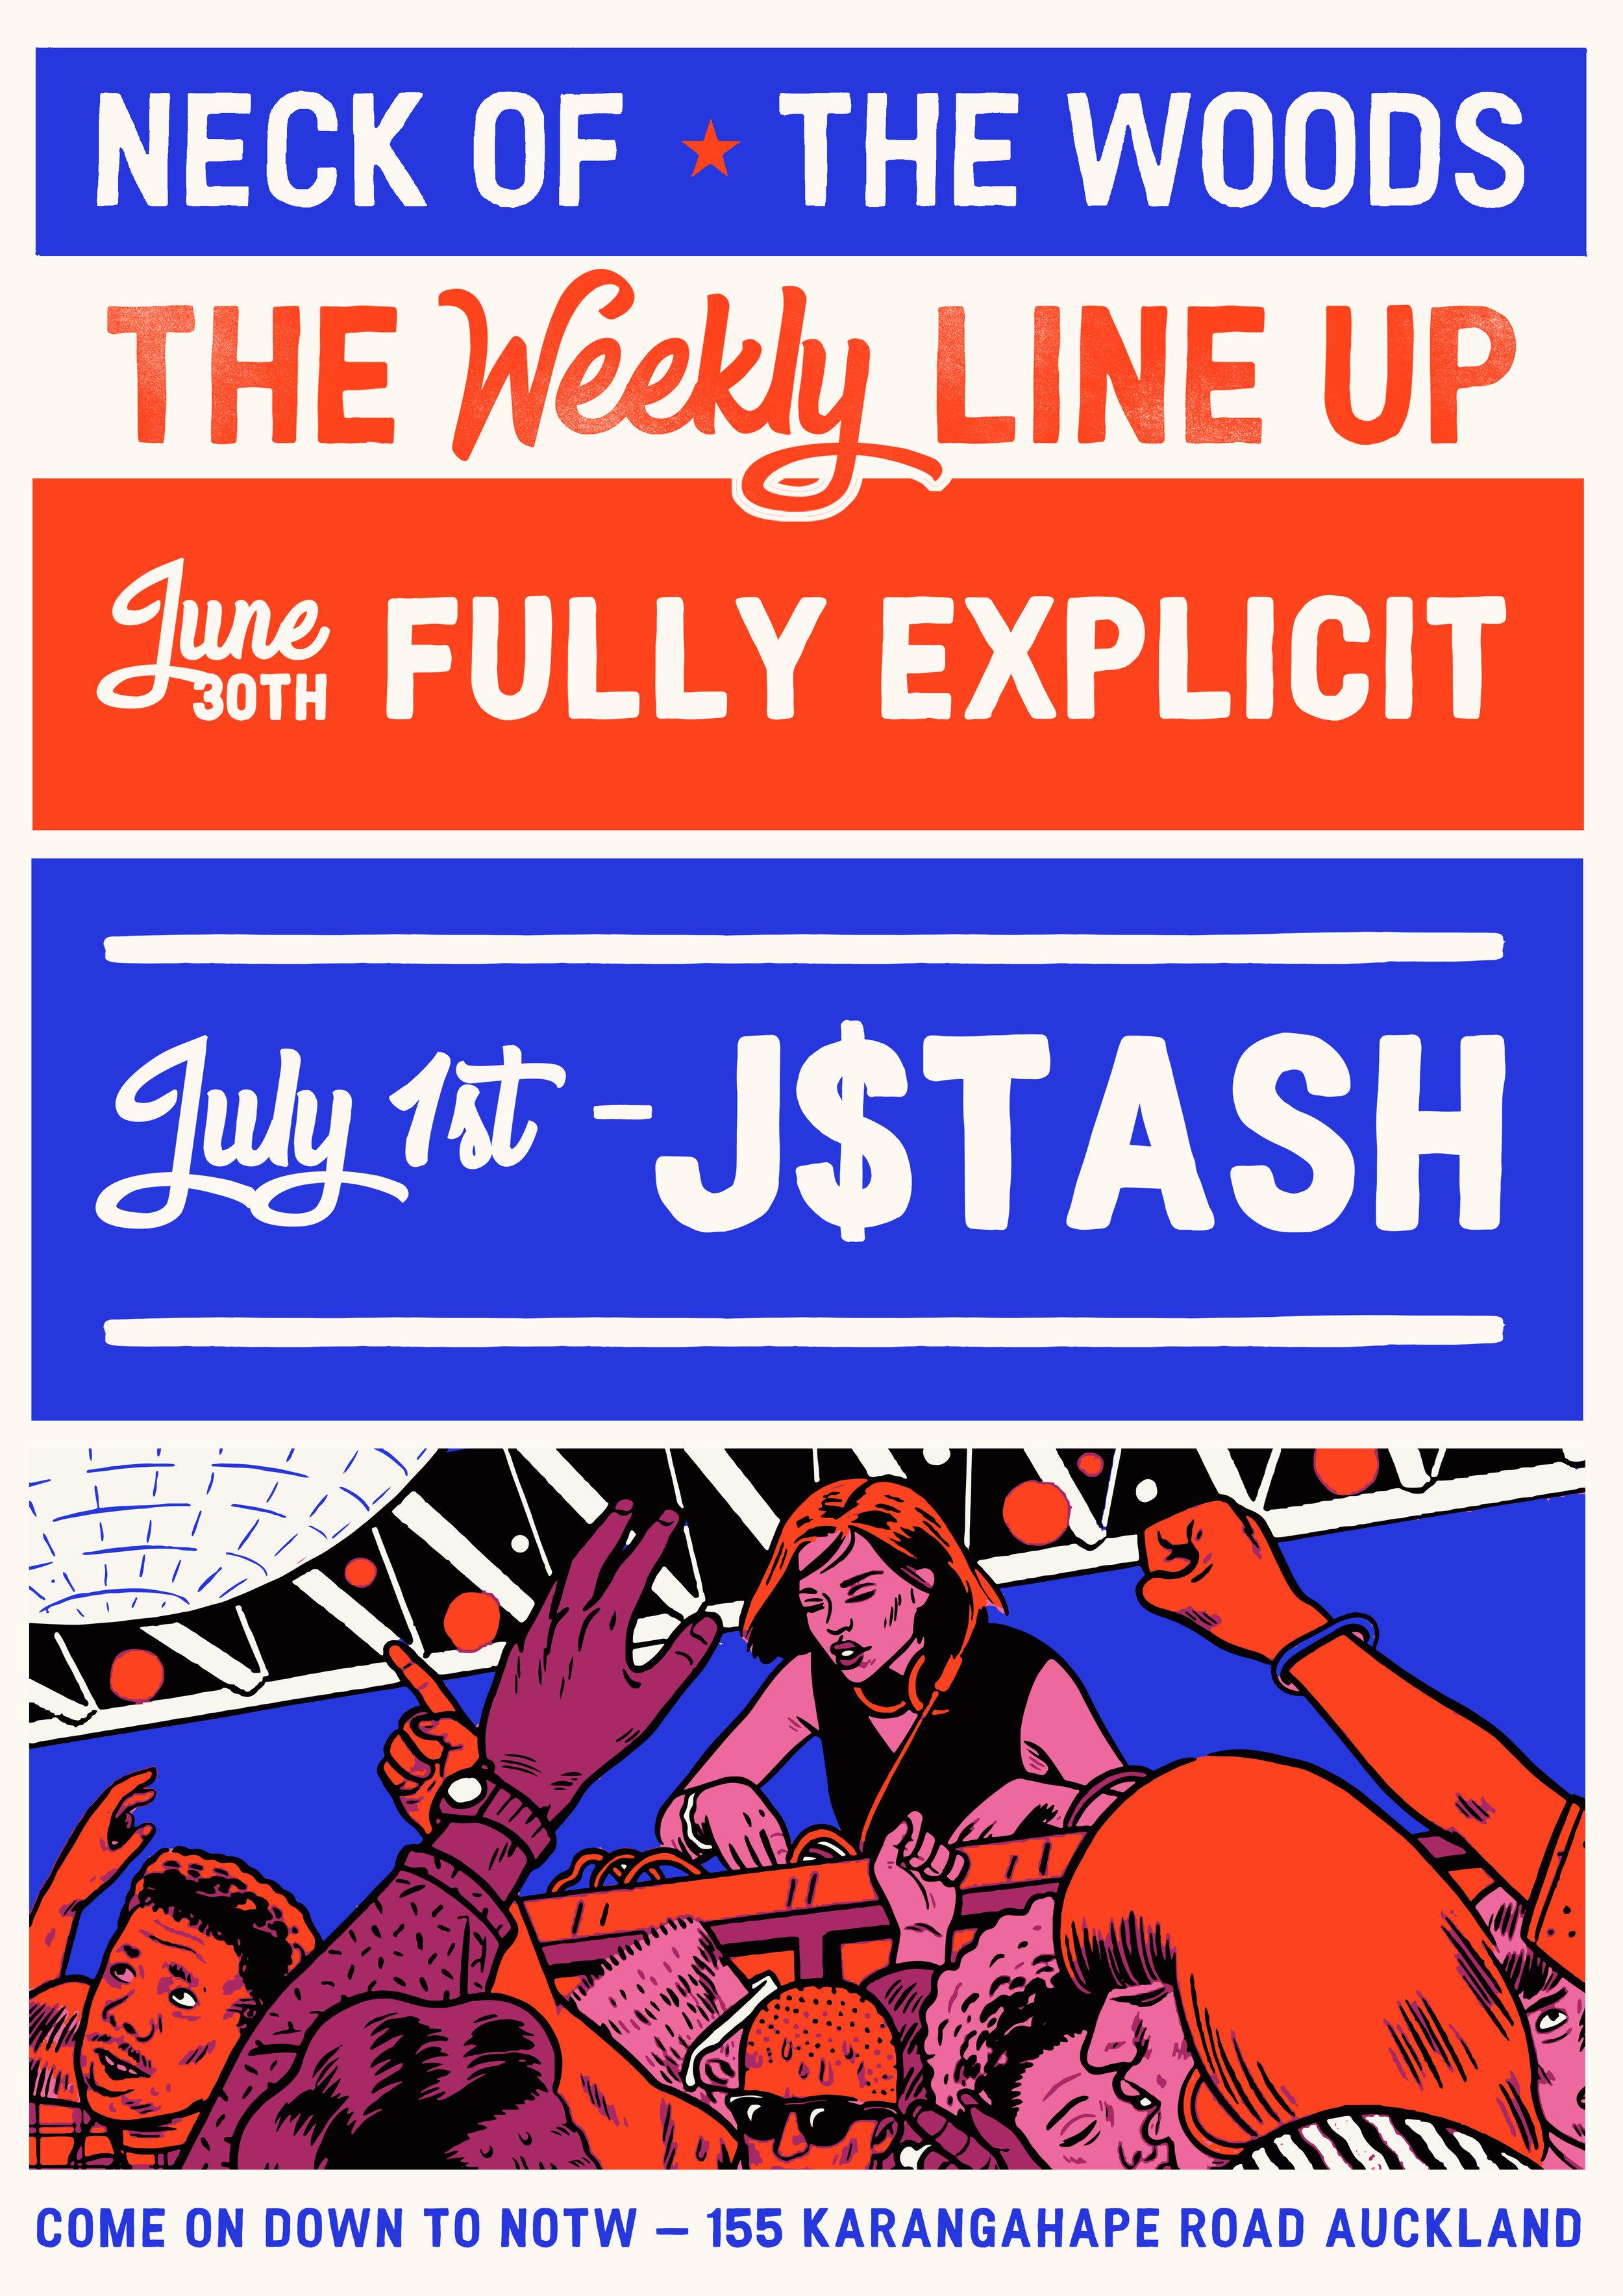 NOTW - WEEKLY LINE UP JUNE 30TH.jpg